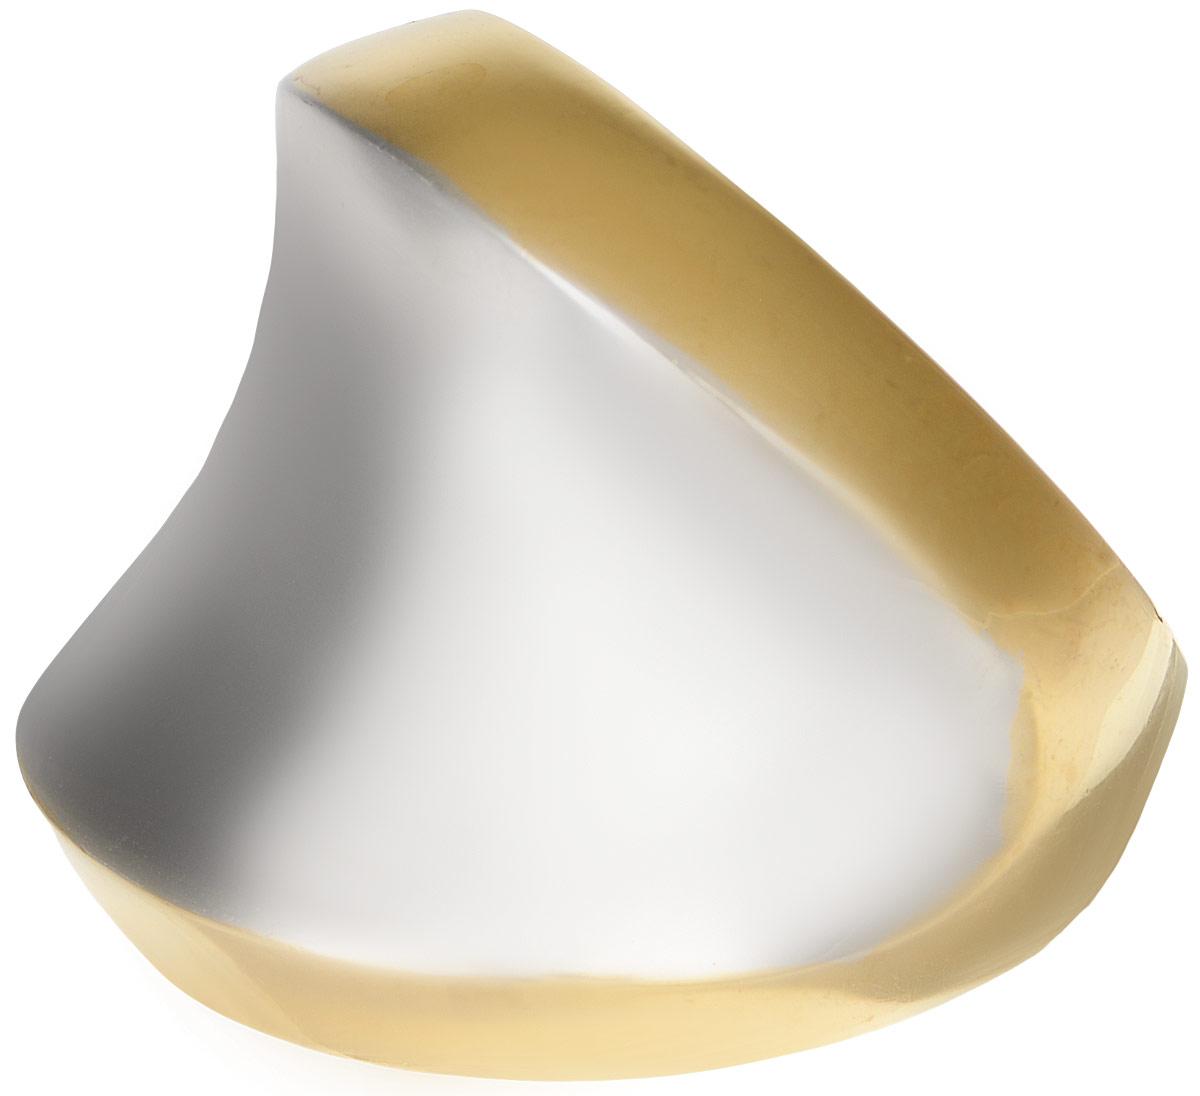 Кольцо Polina Selezneva, цвет: золотистый, серебристый. DG-0026. Размер 18Коктейльное кольцоОригинальное кольцо Polina Selezneva выполнено из металлического сплава. Оформлено изделие интересной вогнутой формы. Такое кольцо это блестящее завершение вашего неповторимого, смелого образа и отличный подарок для ценительницы необычных украшений!